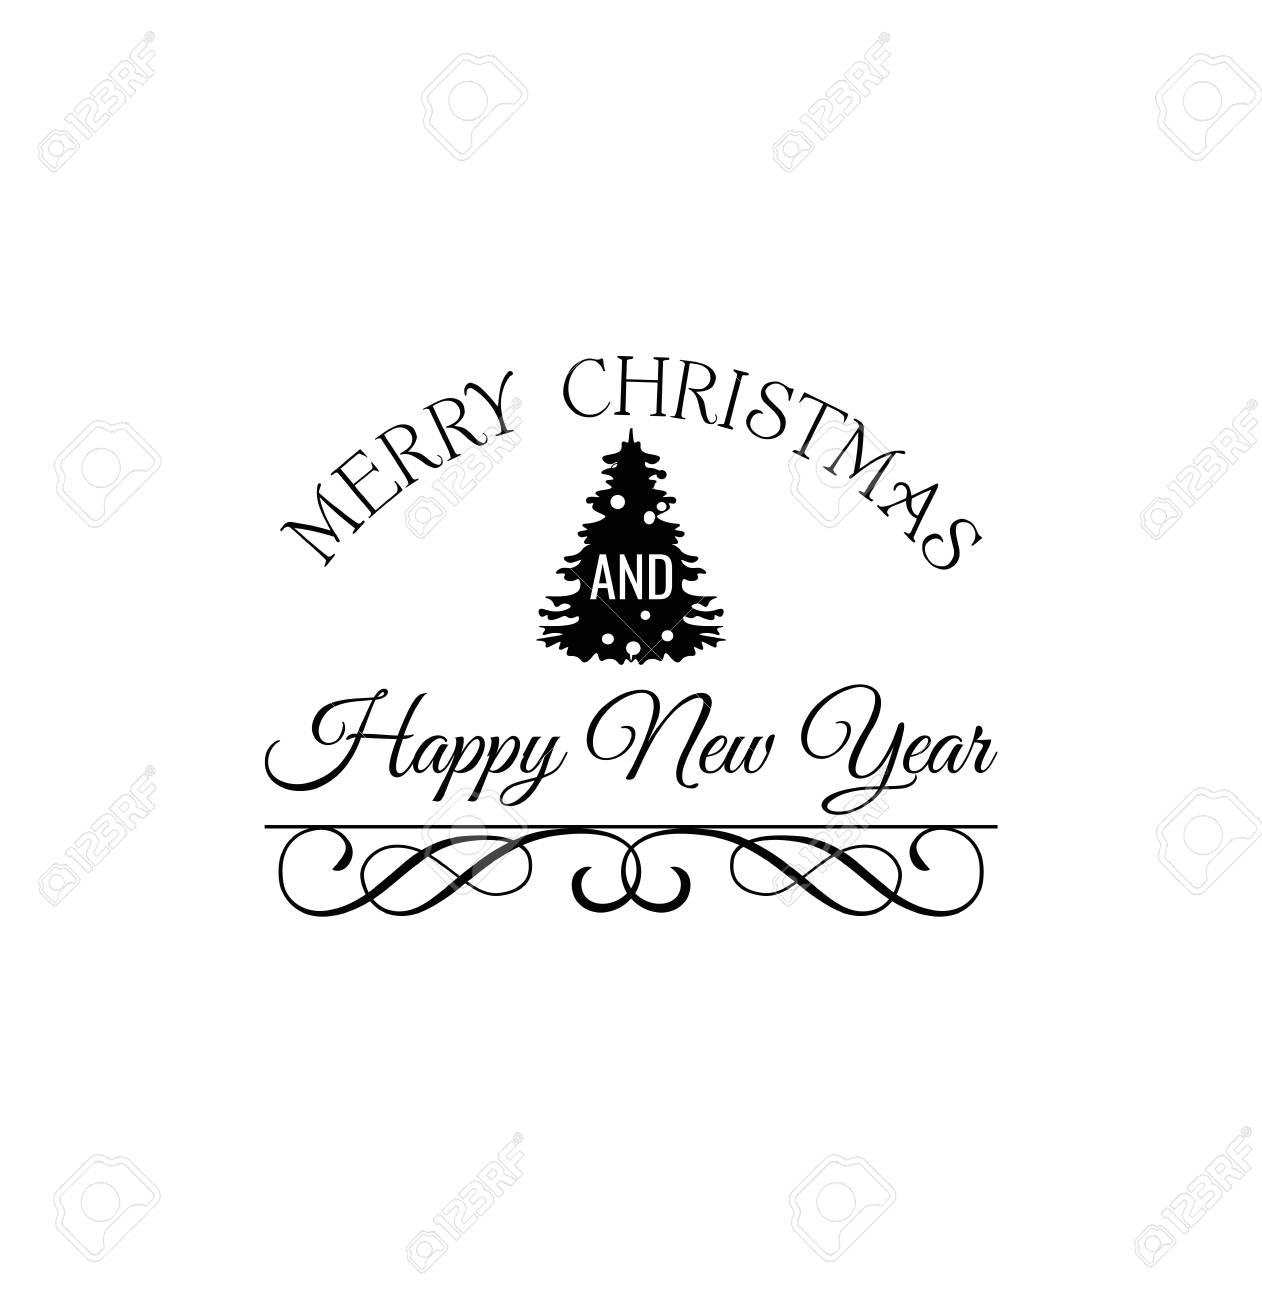 Rbol De Navidad. Feliz Navidad Y Feliz Año Nuevo Etiqueta. Plantilla ...